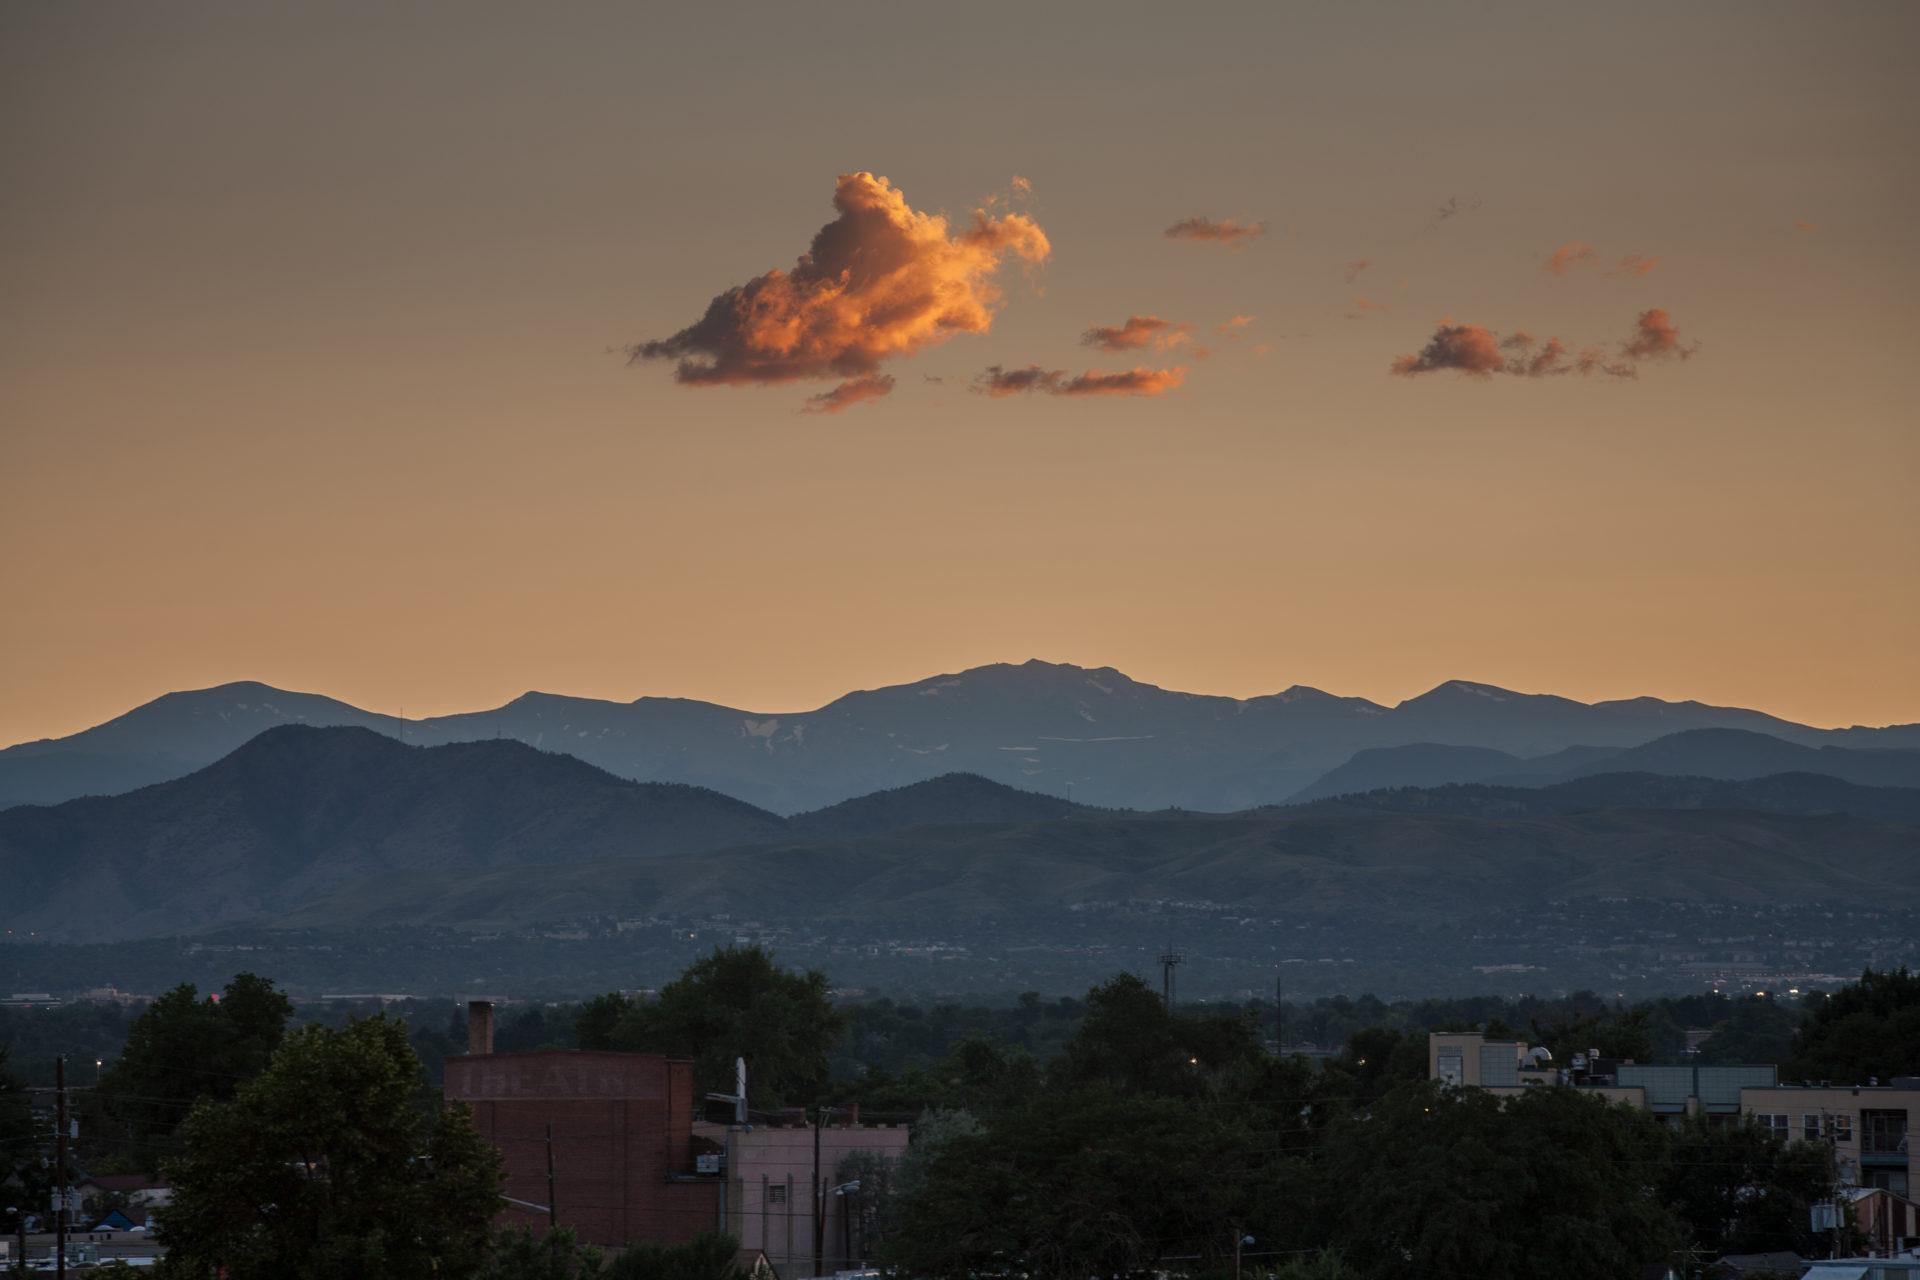 Mount Evans sunset - July 22, 2011